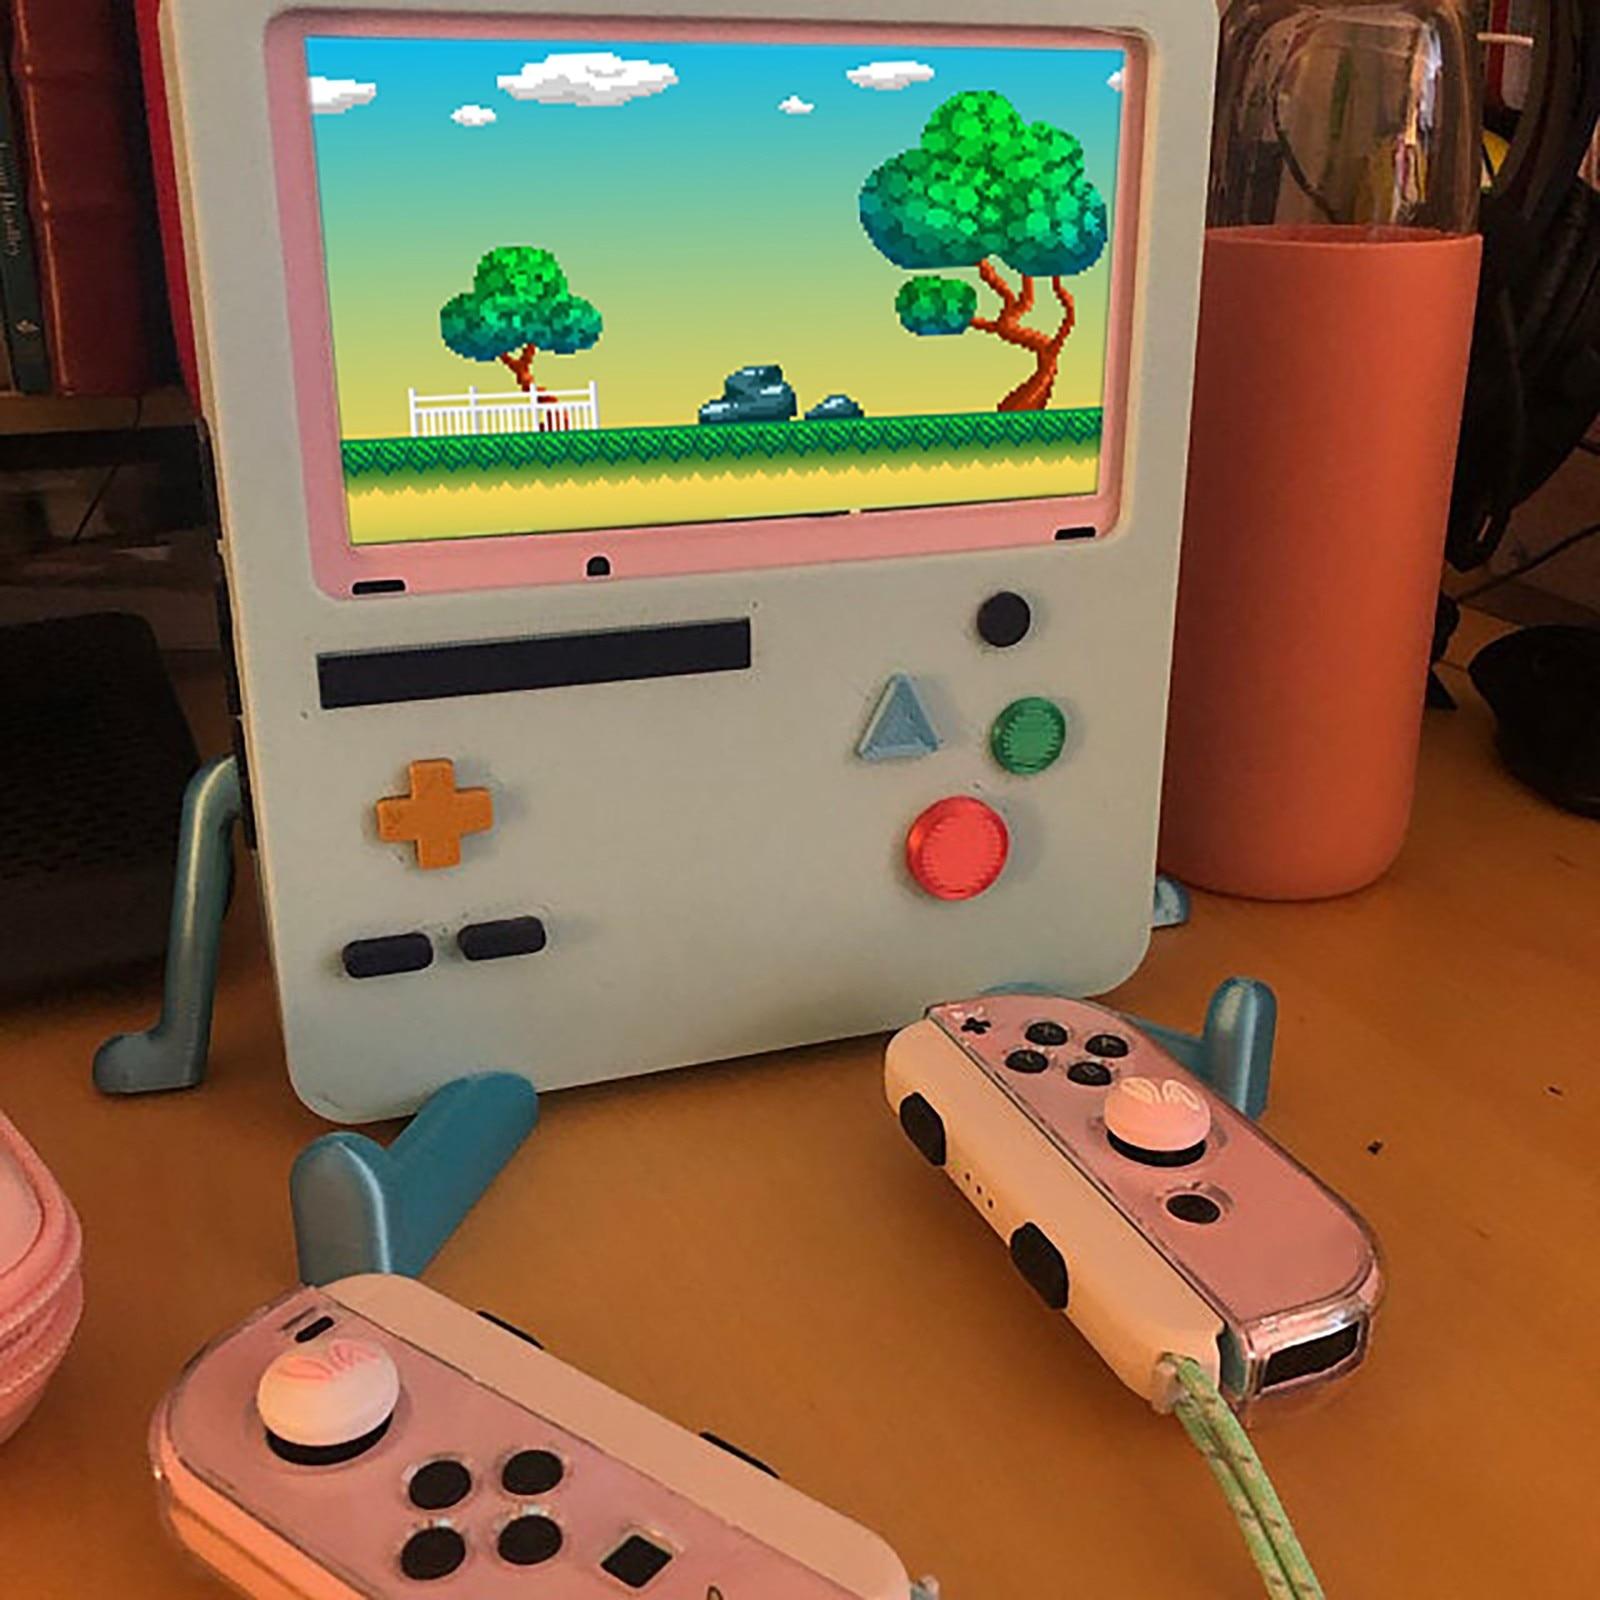 Base De carga portátil para Nintendo switch, Soporte De carga para Nintendo...